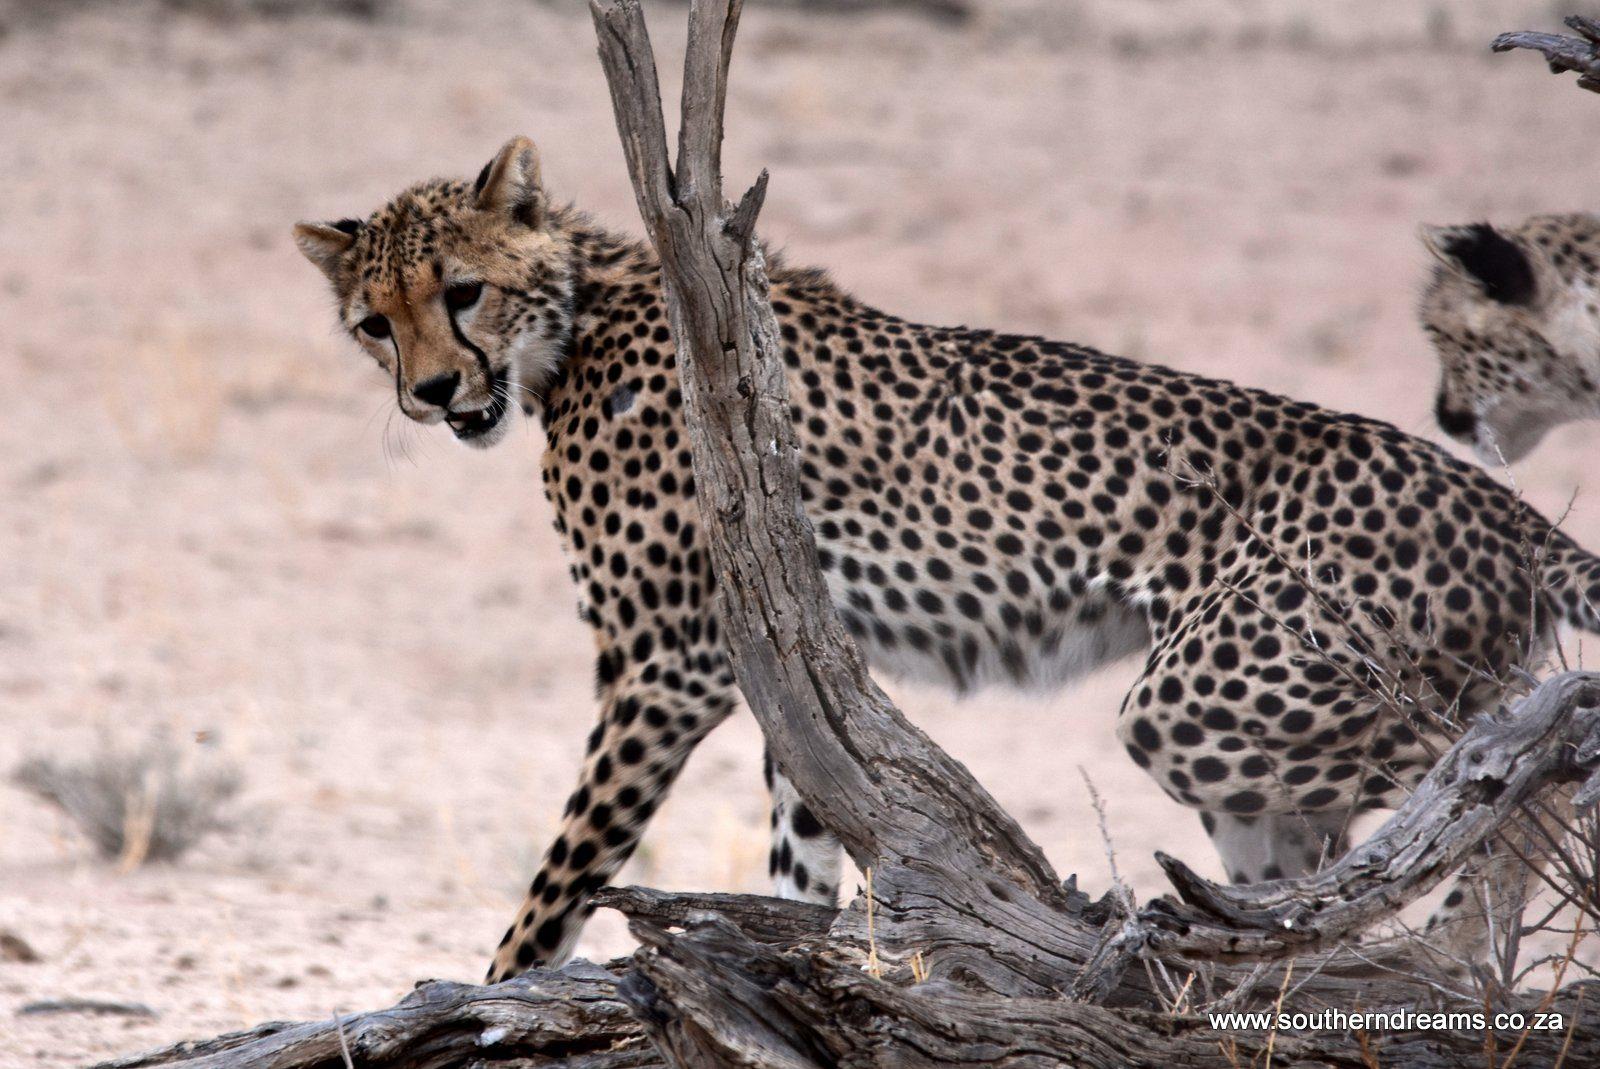 Cheetah Corinne